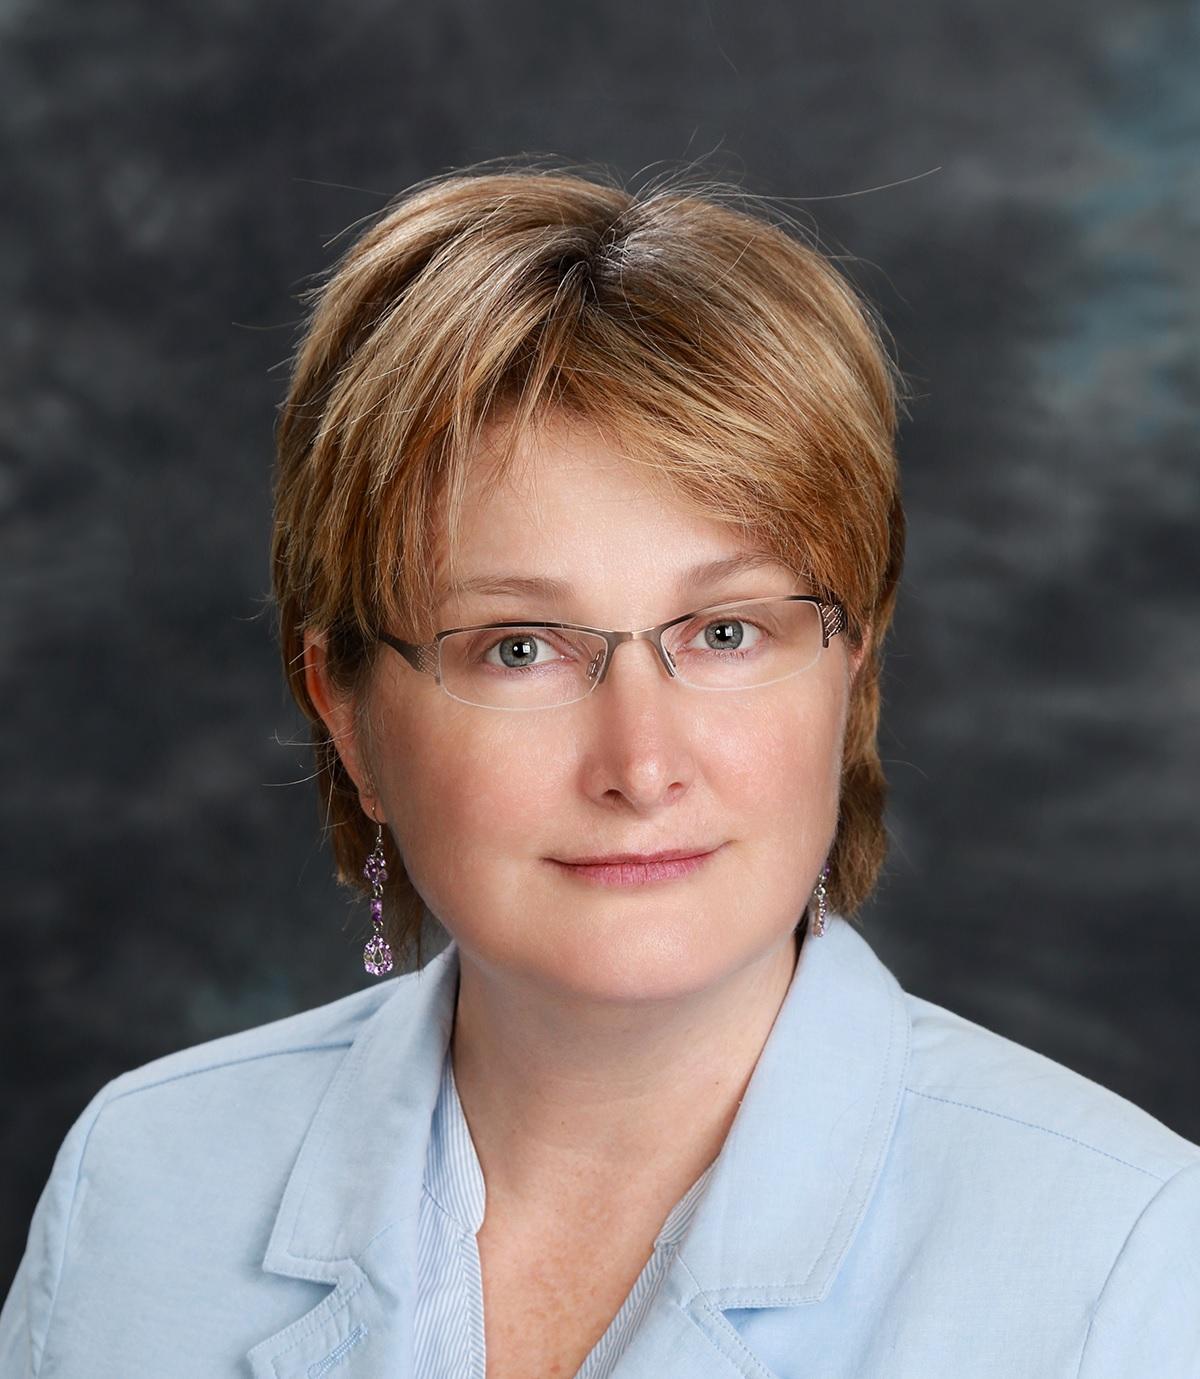 Monica Wachowicz